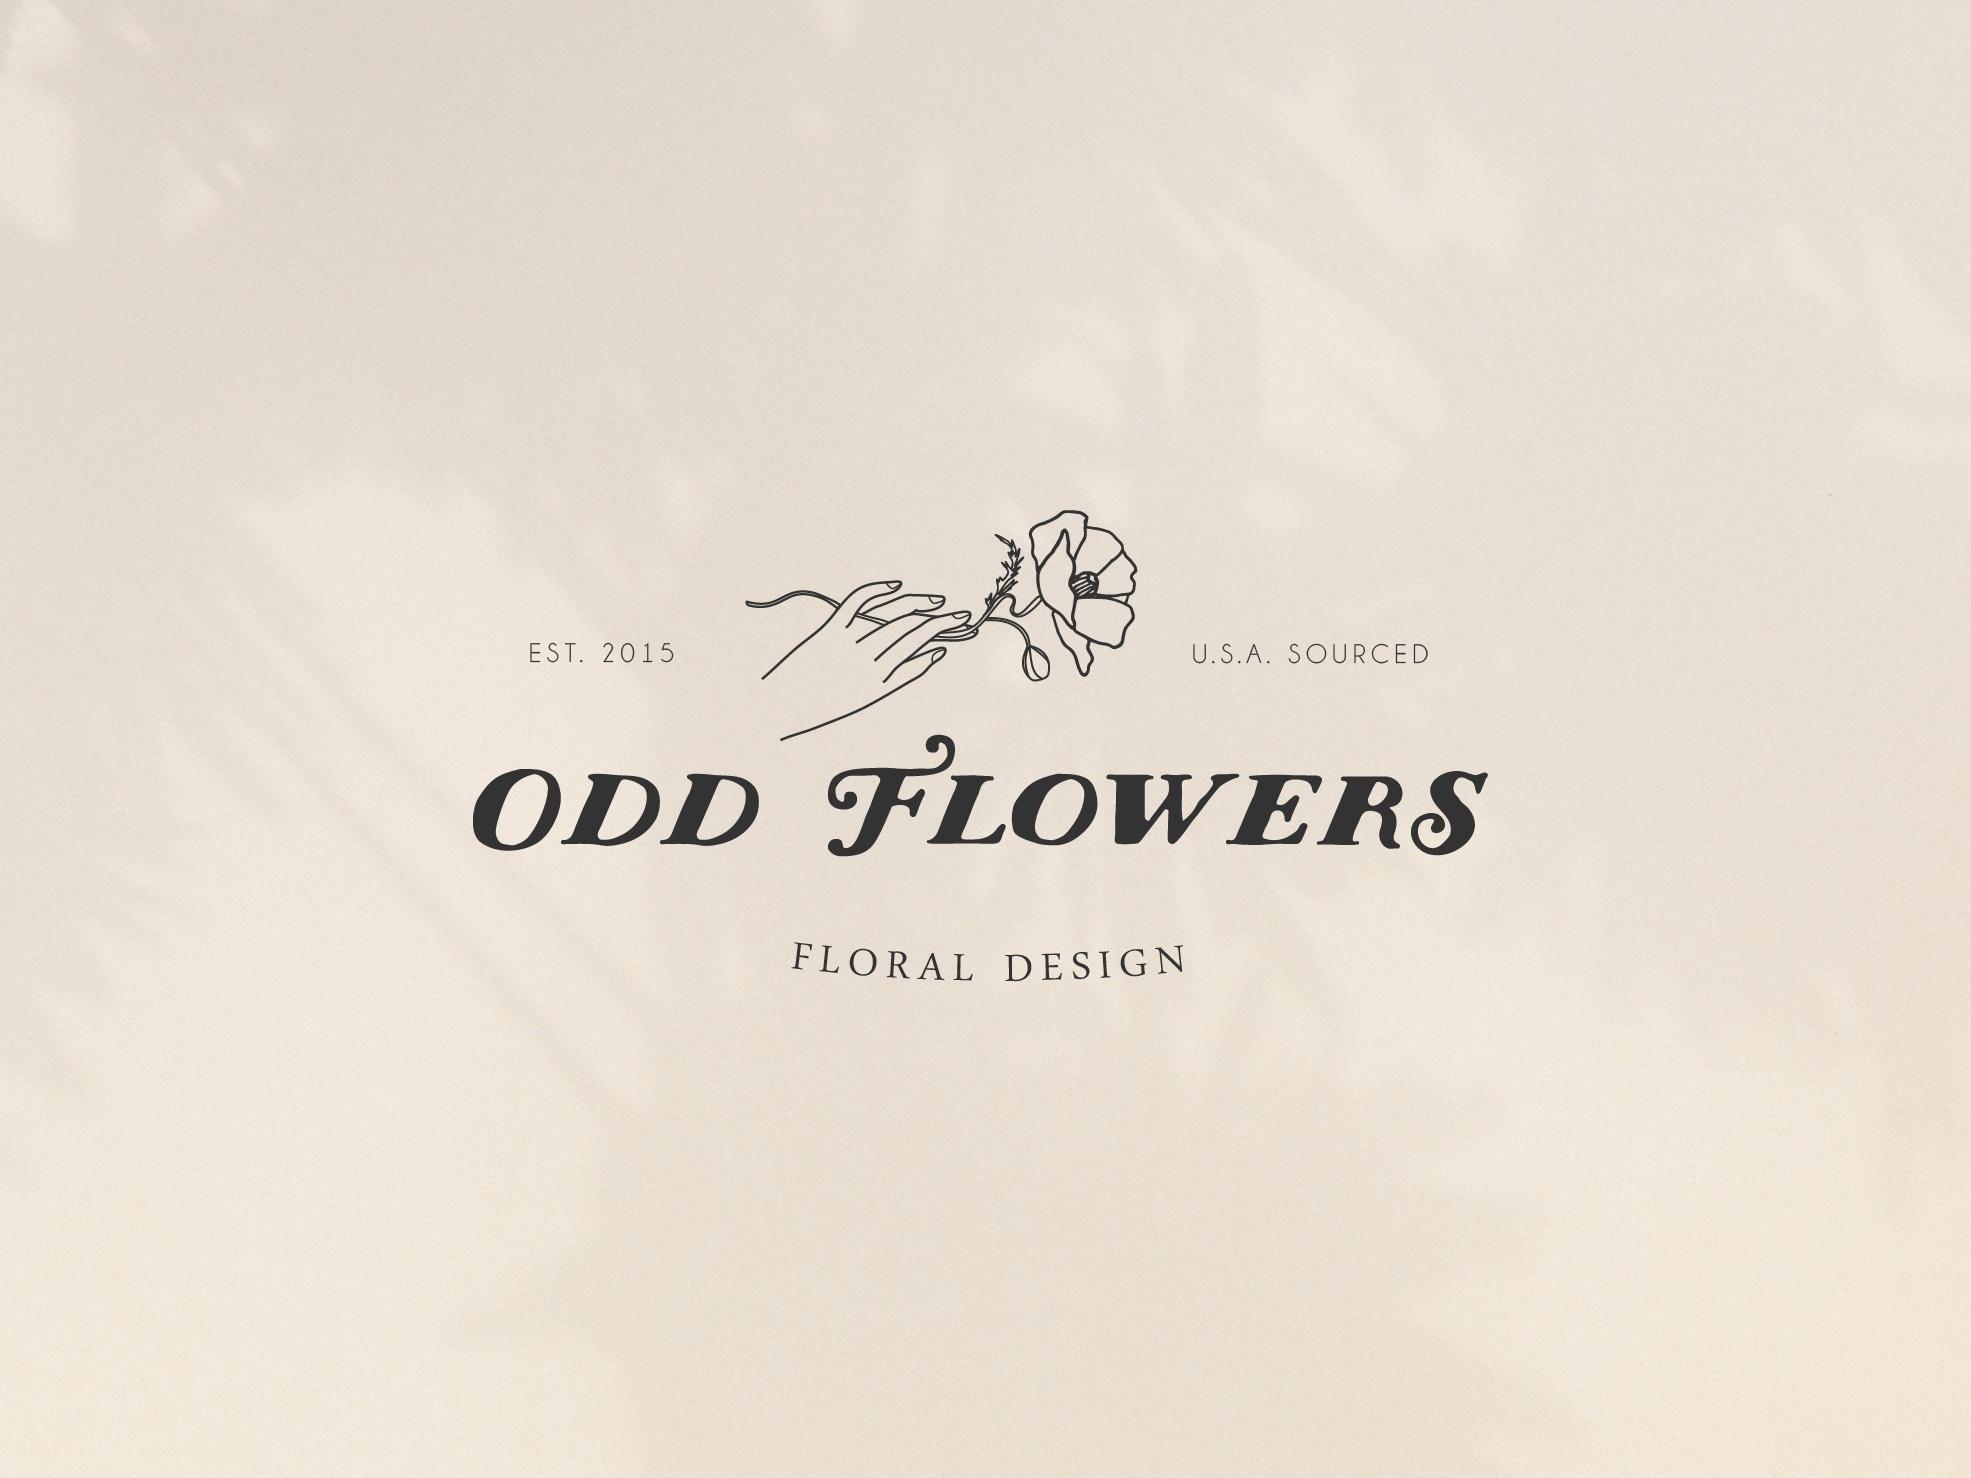 odd flowers-logo-nelle clark